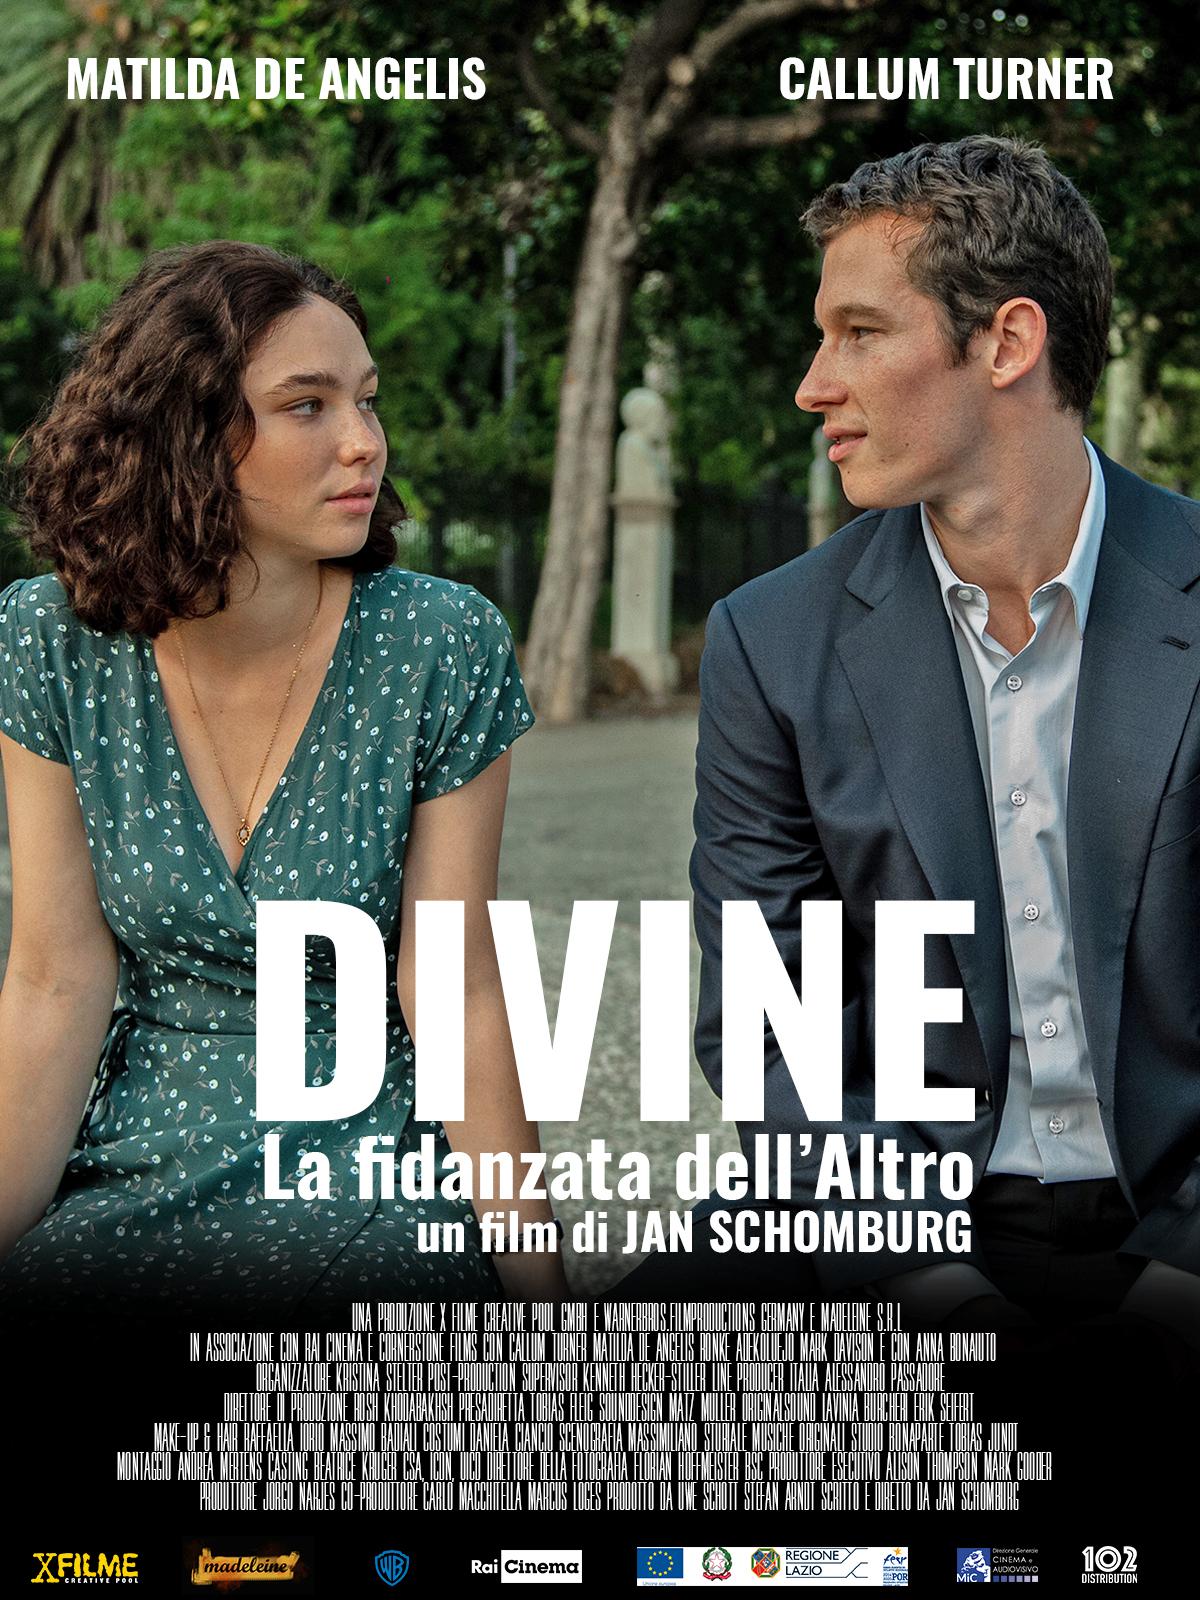 Divine – La fidanzata dell'Altro: trailer, cast e trama del film con Matilda De Angelis